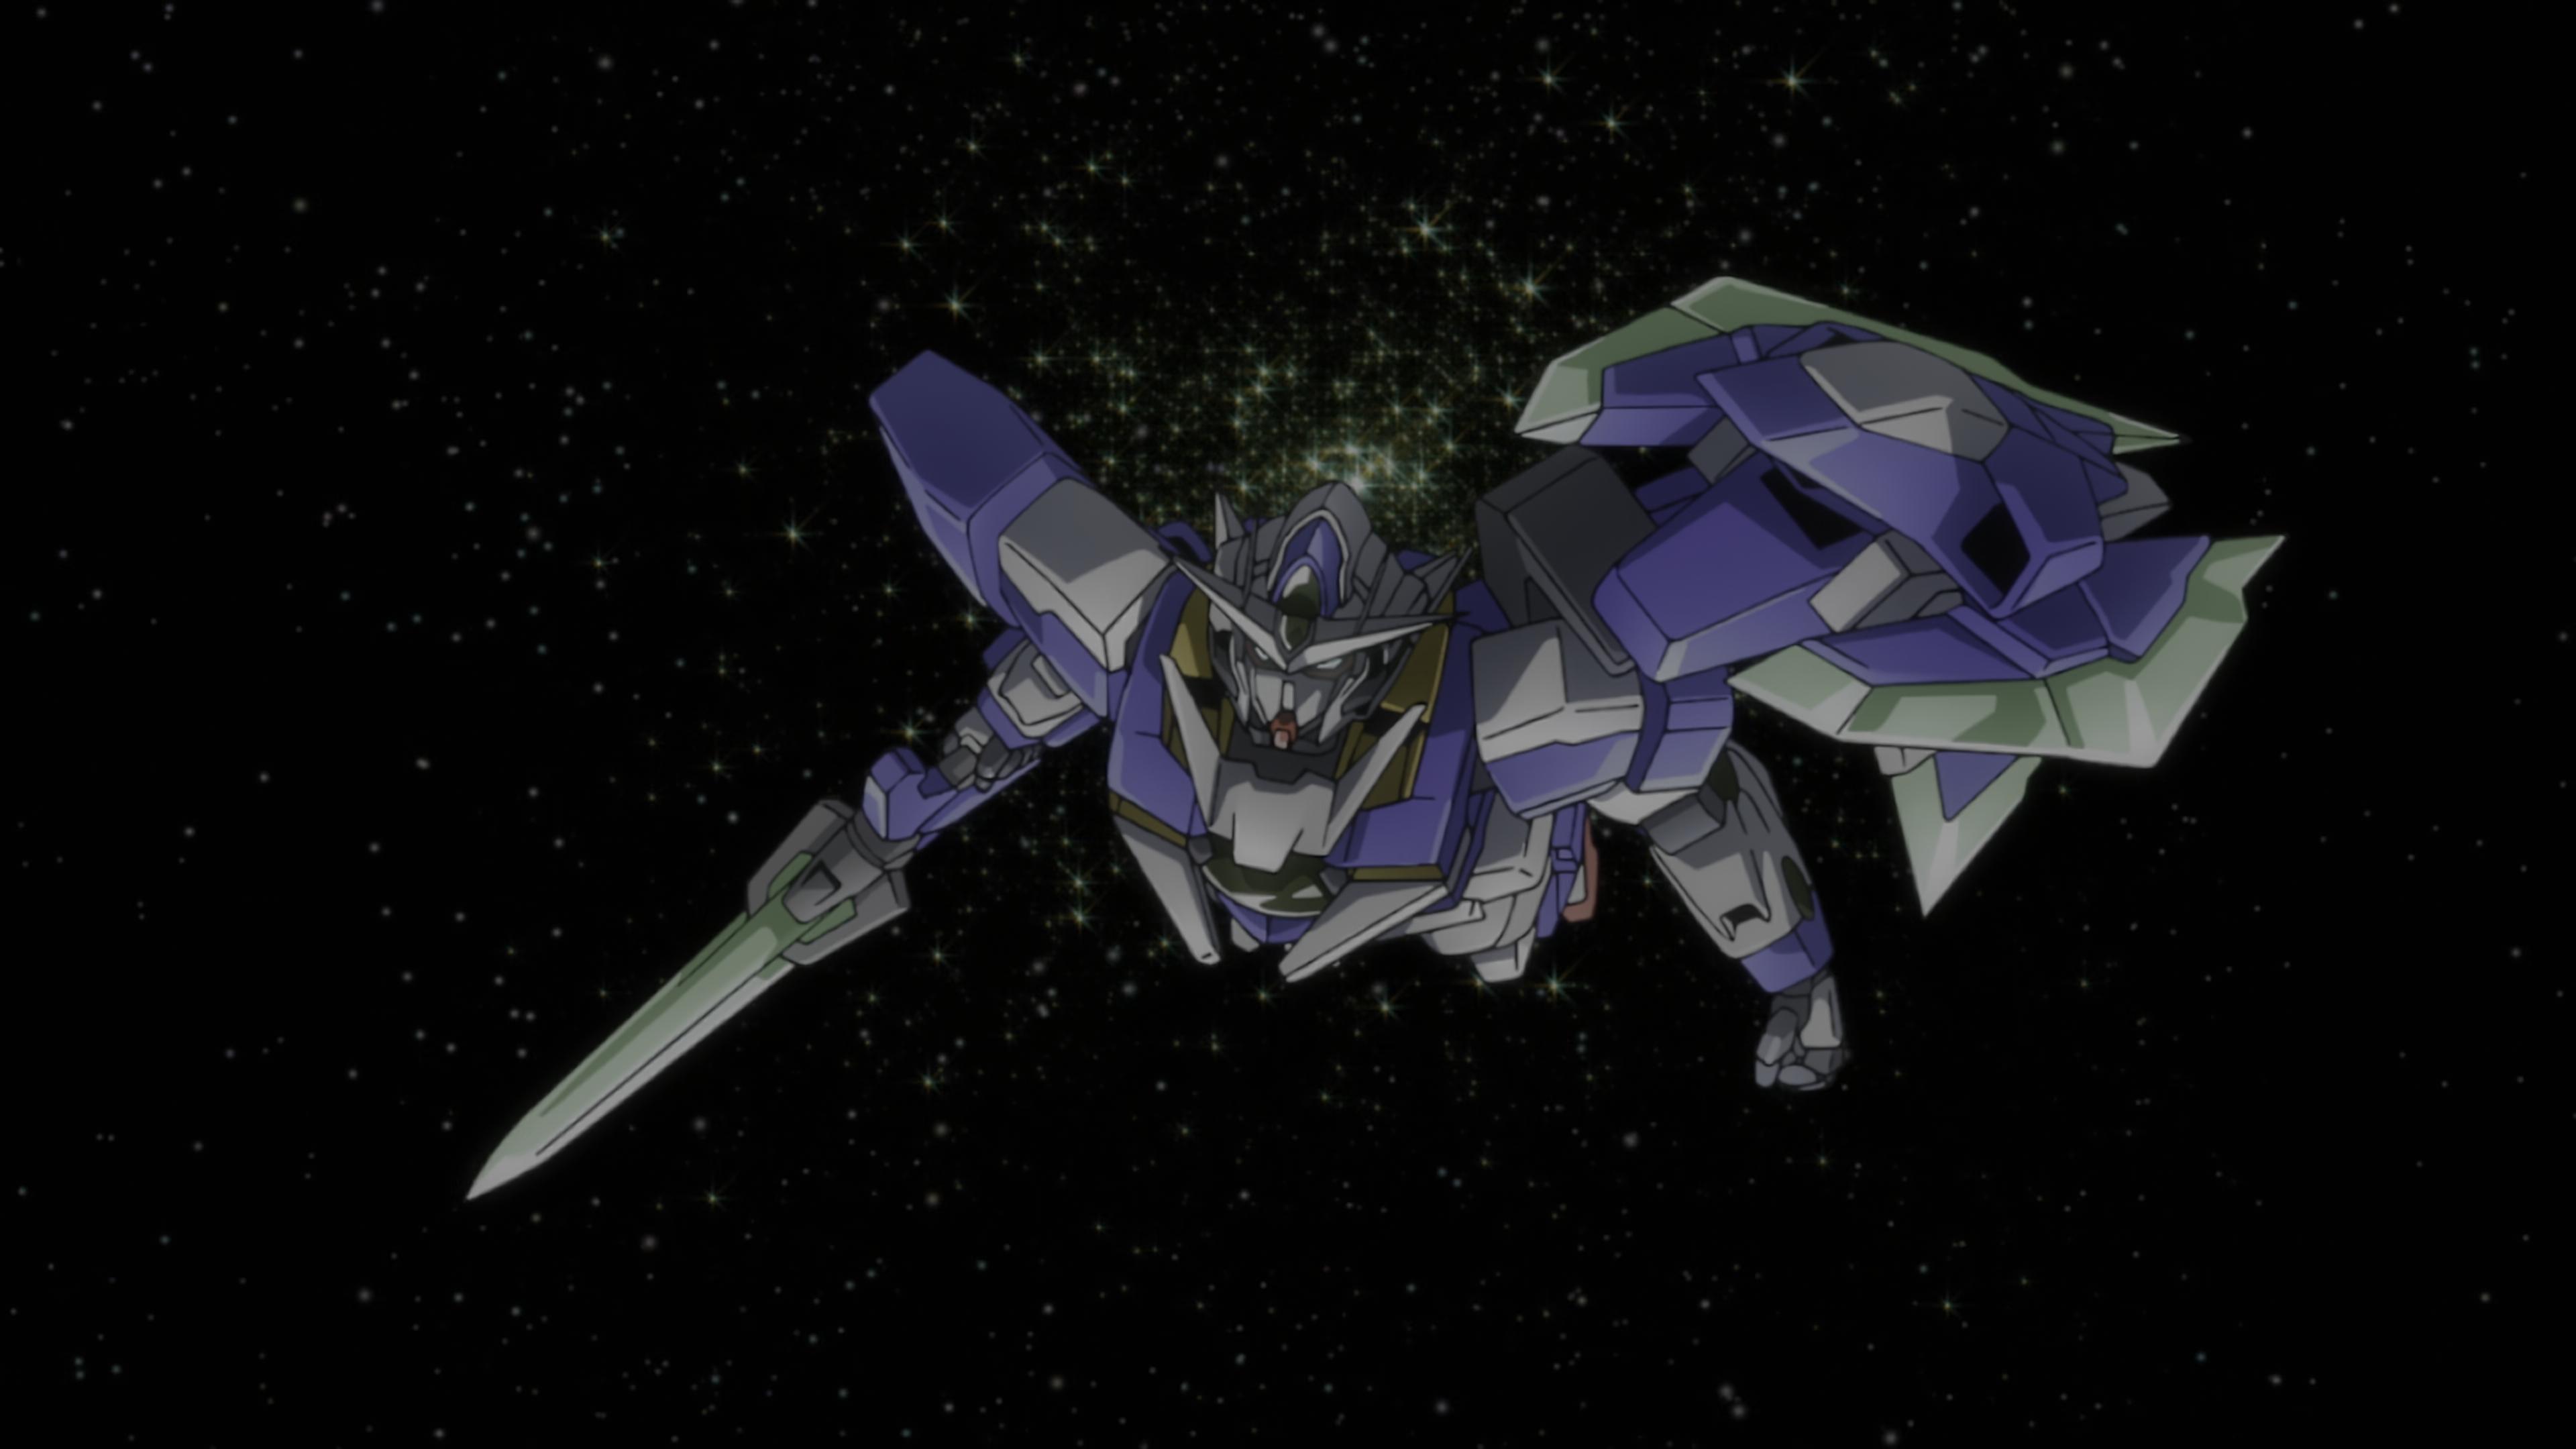 Mobile Suit Gundam 00 The Movie - A Wakening of the Trailblazer - OZC.mkv - 49;42;09.853.jpg